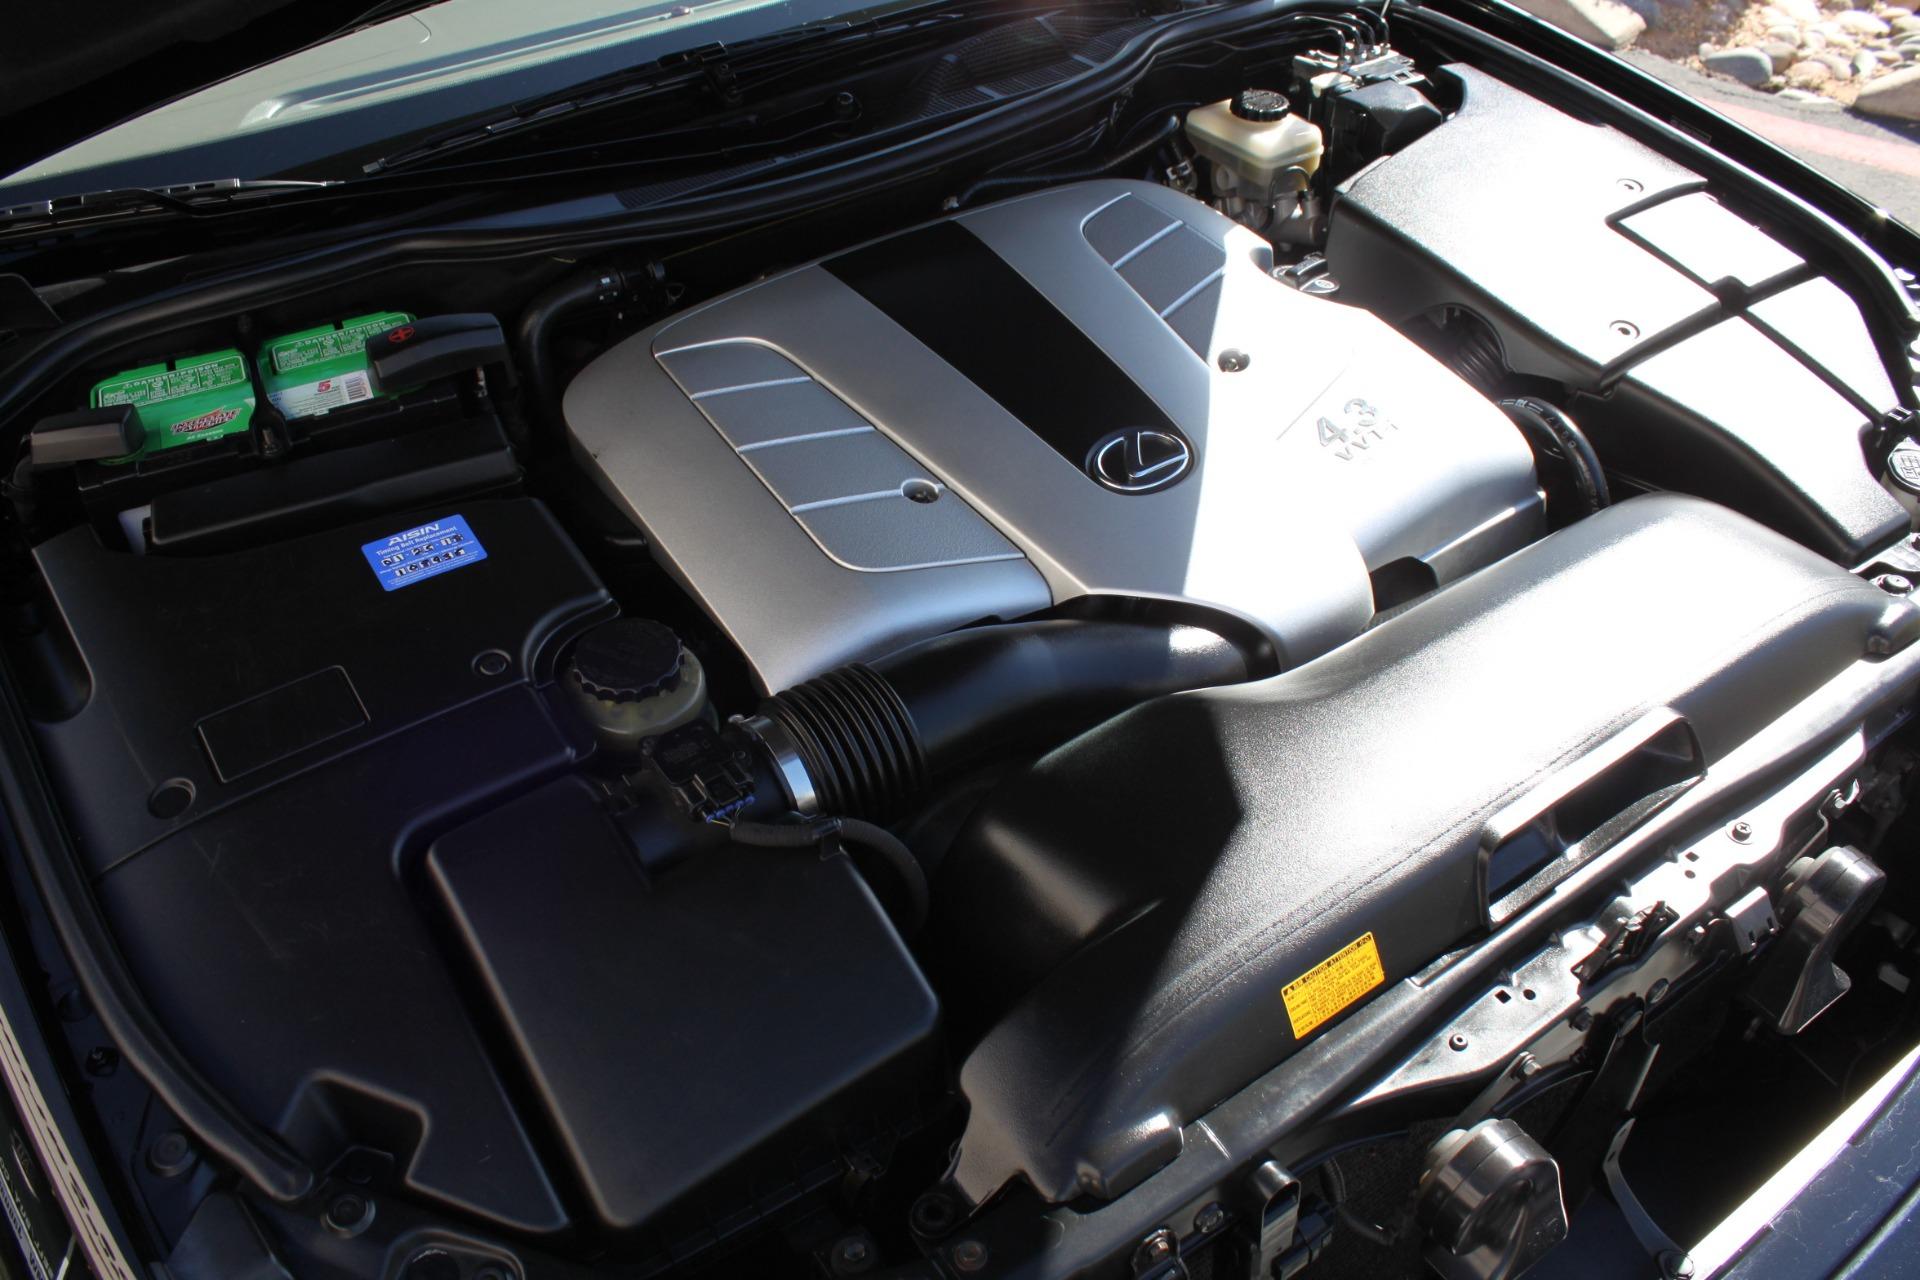 Used-2005-Lexus-LS-430-Dodge